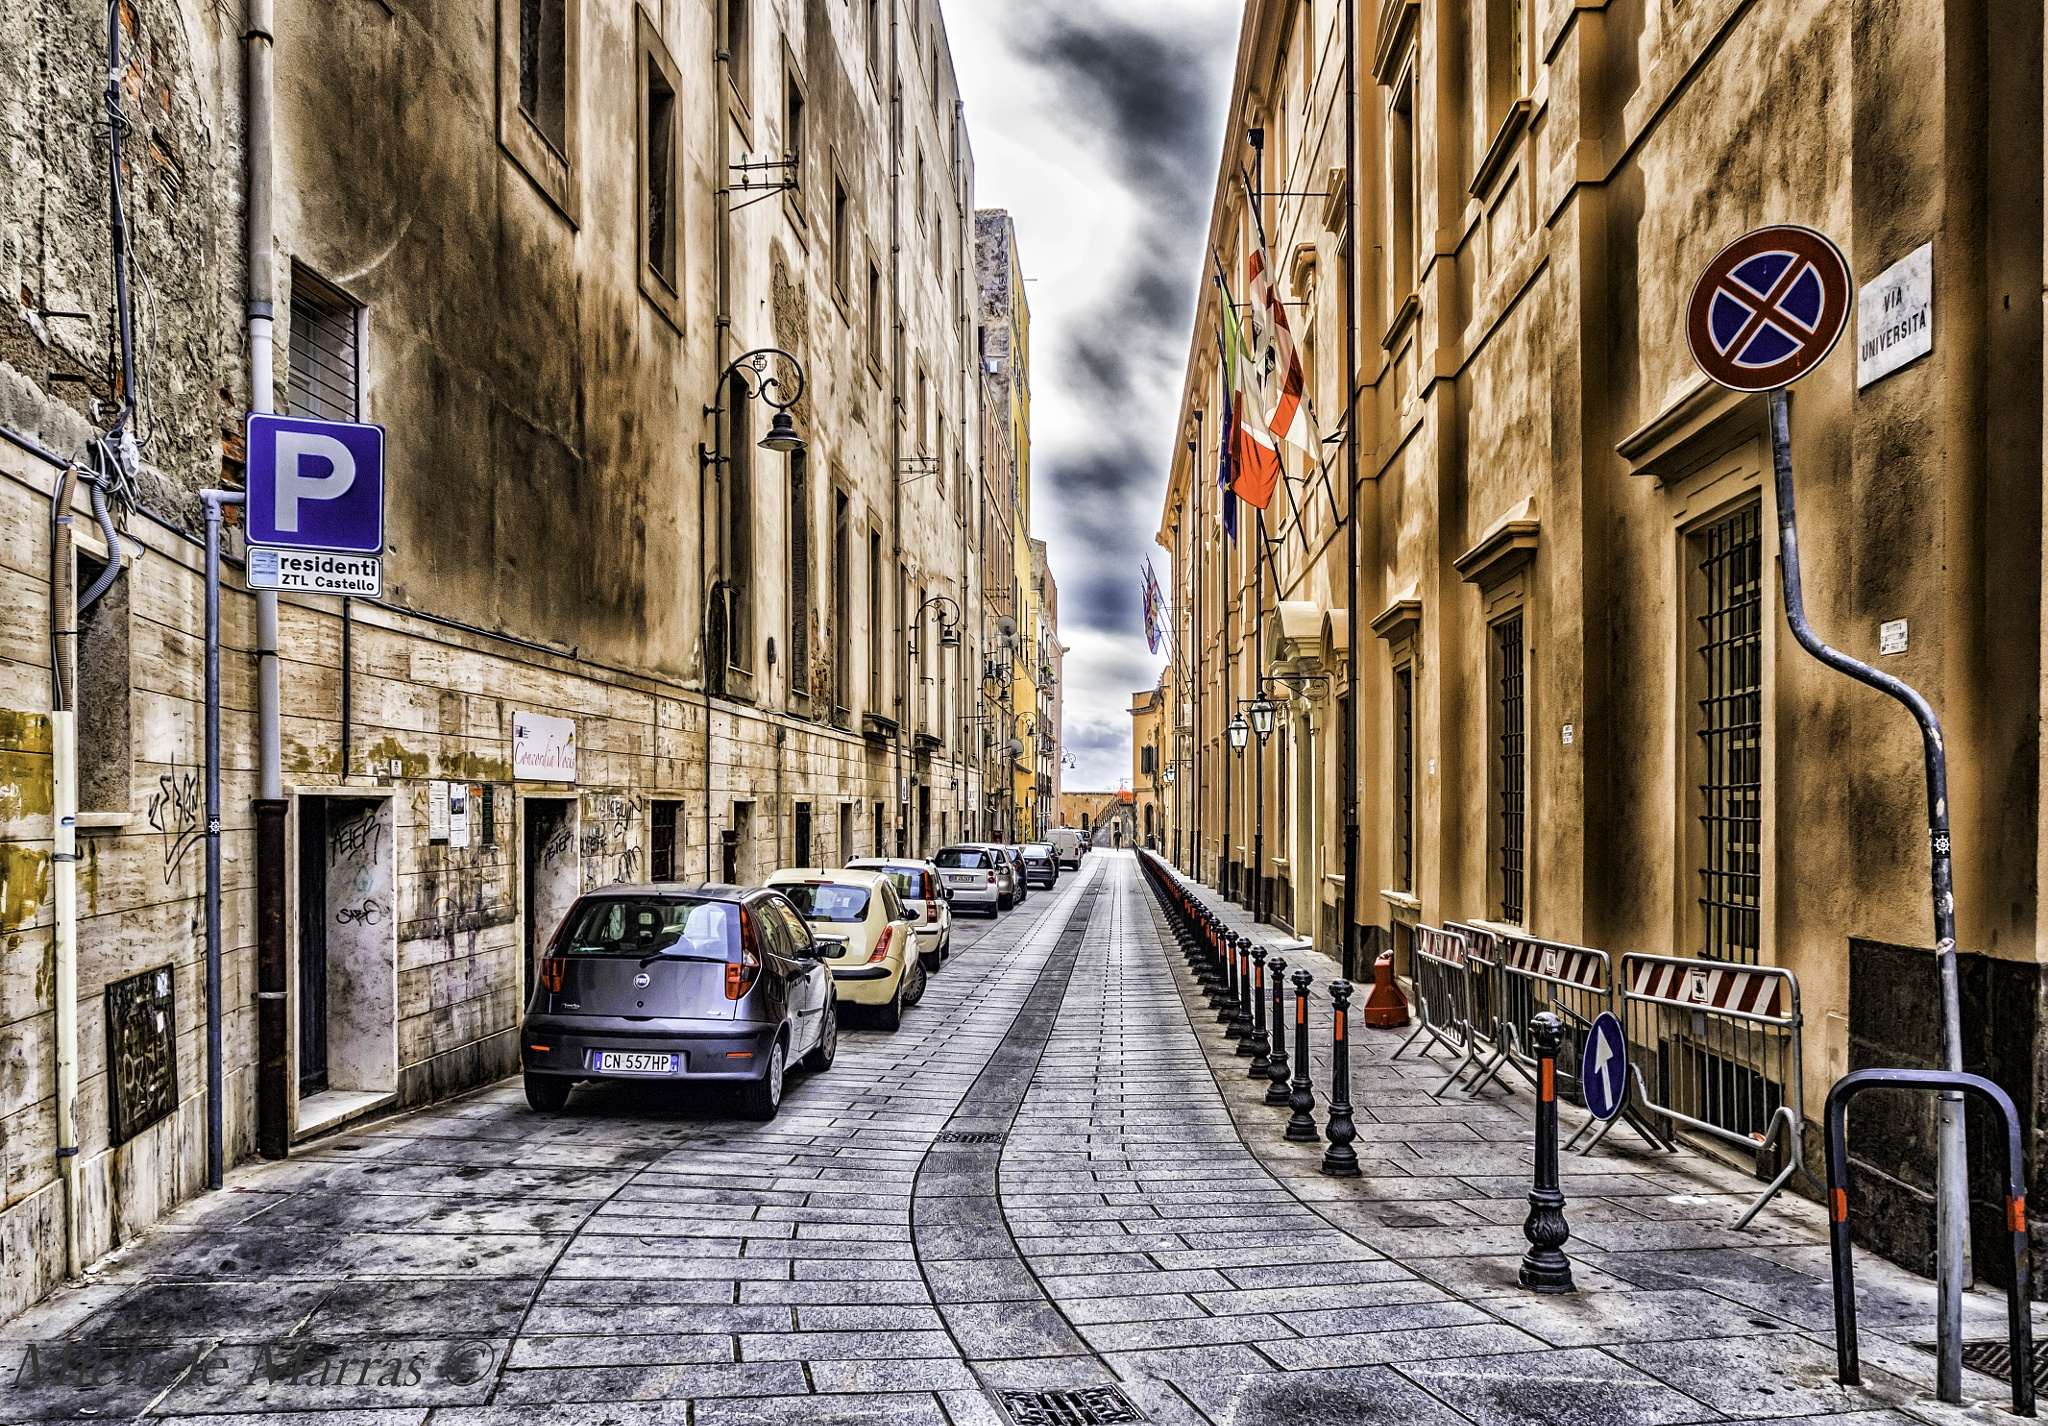 La via dell'Università by Michele Pinna Marras